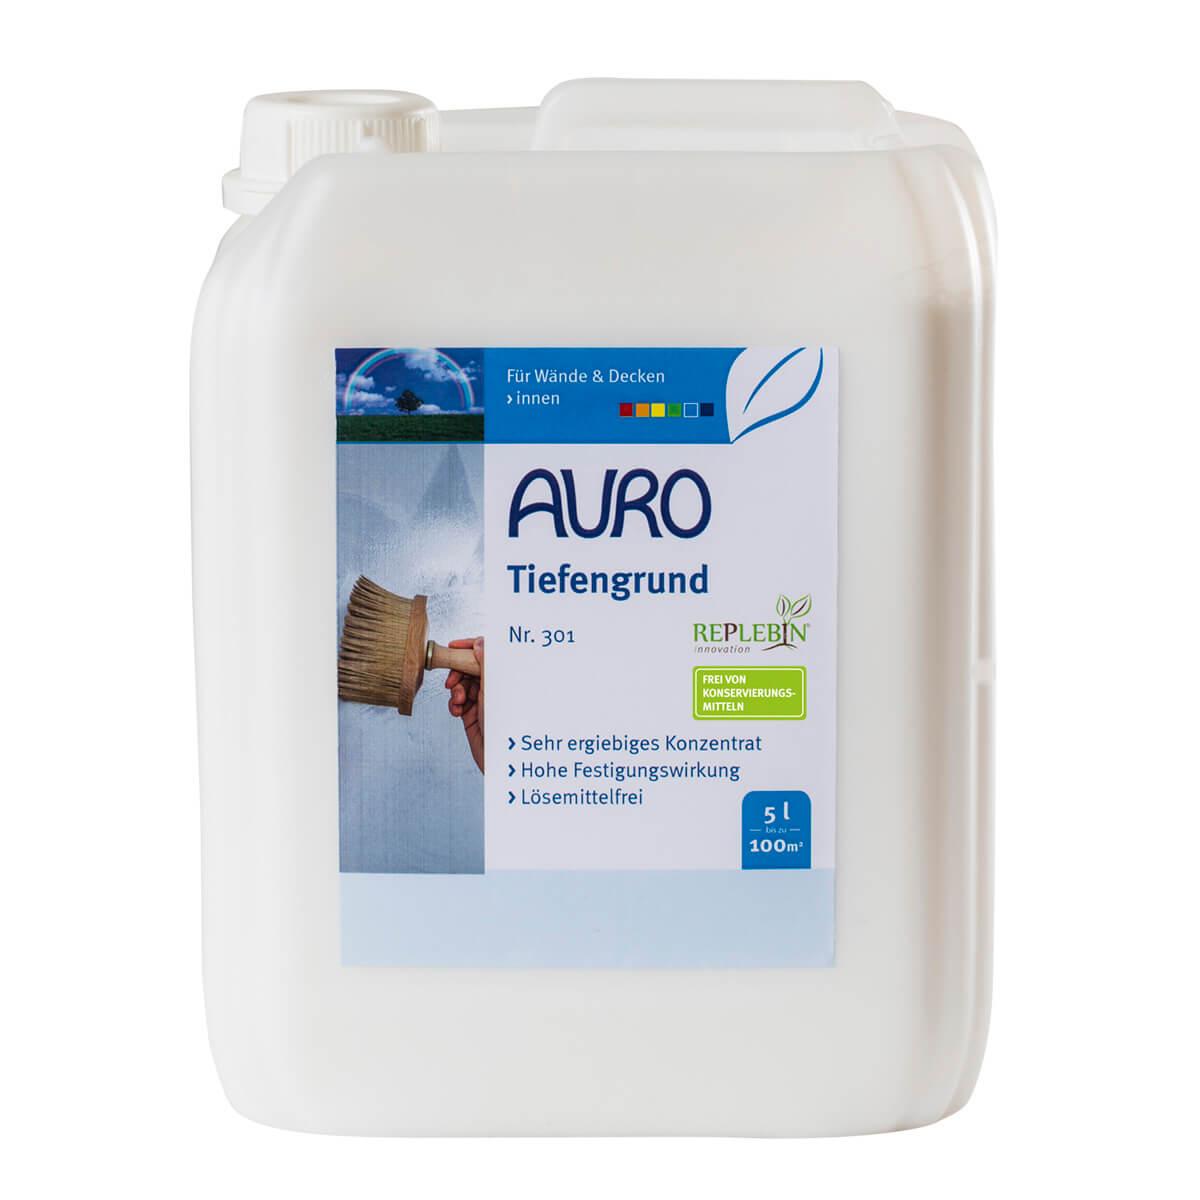 AURO Tiefengrund Nr. 301 5,00L